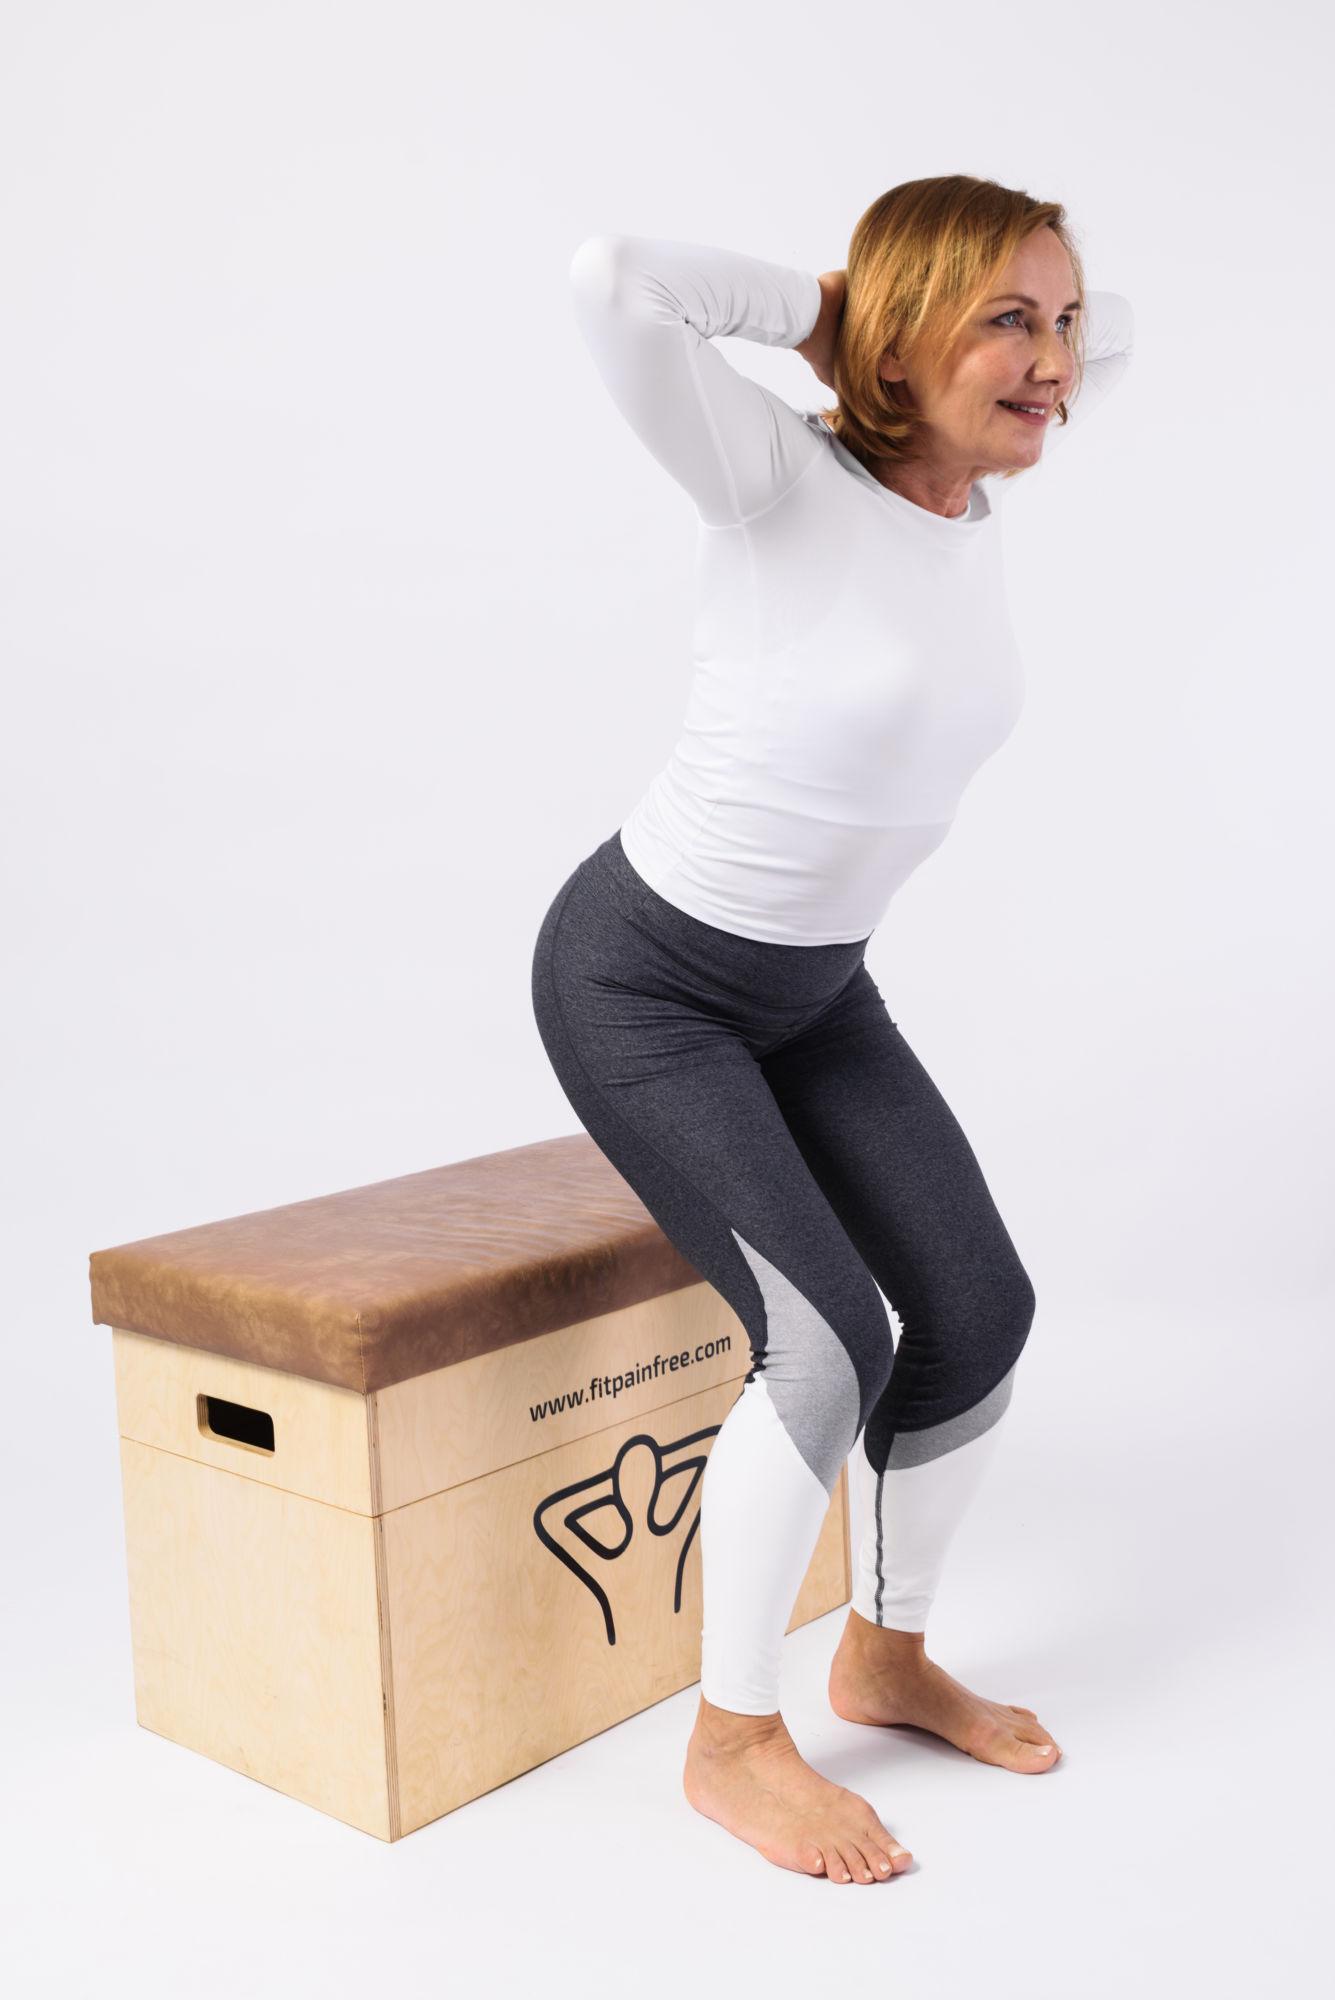 FitPainFree Hana cvičení na bedně